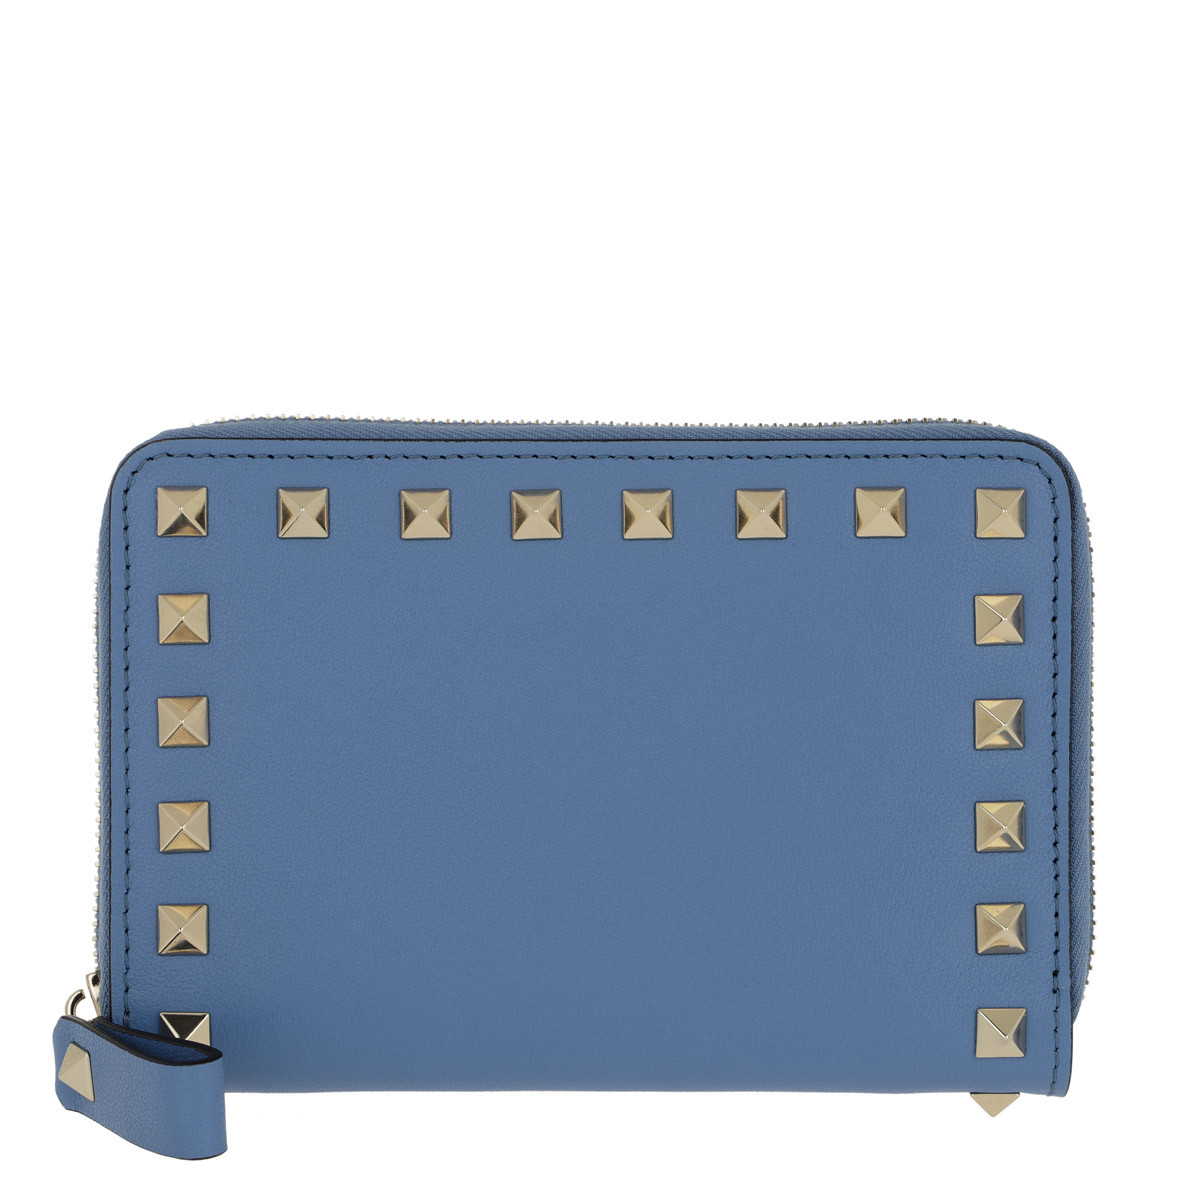 Valentino Portemonnaie - Rockstud Wallet Light Blue - in blau - für Damen